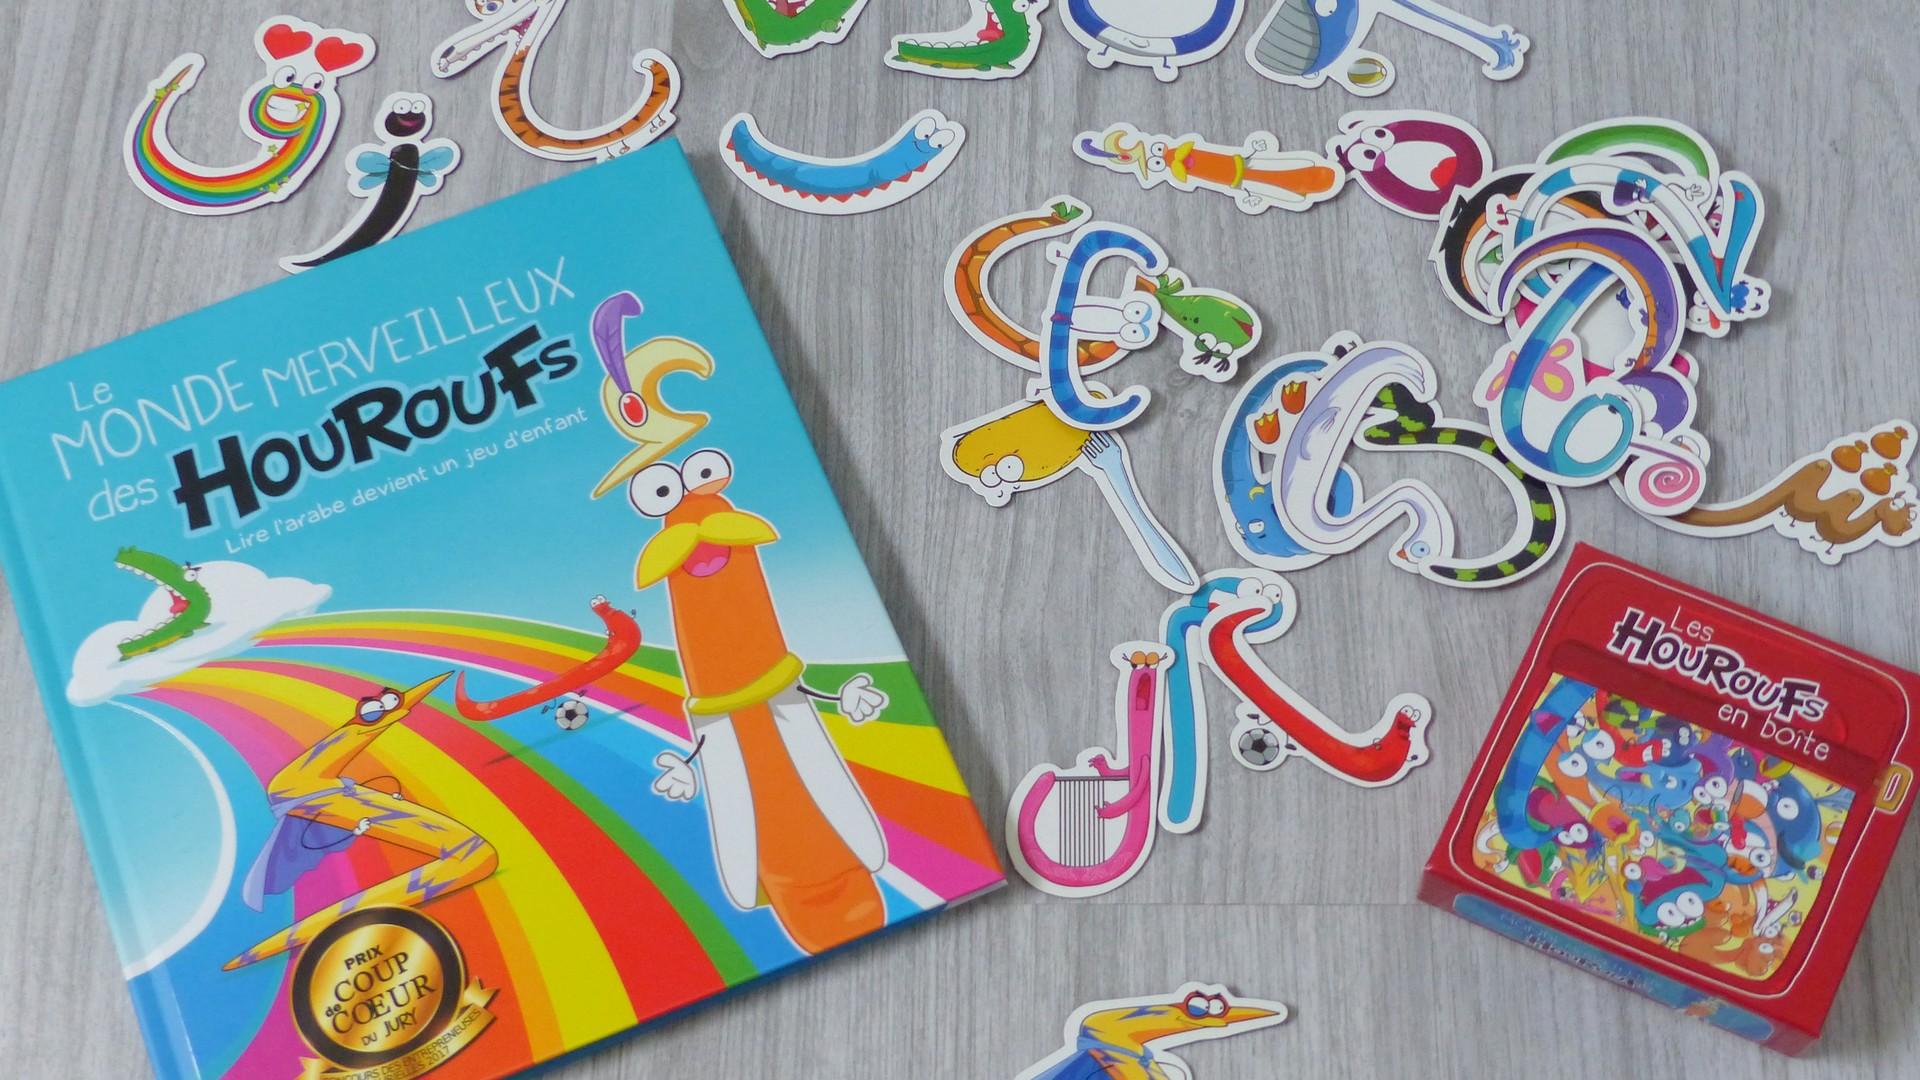 Le monde des Houroufs : apprendre l'alphabet arabe